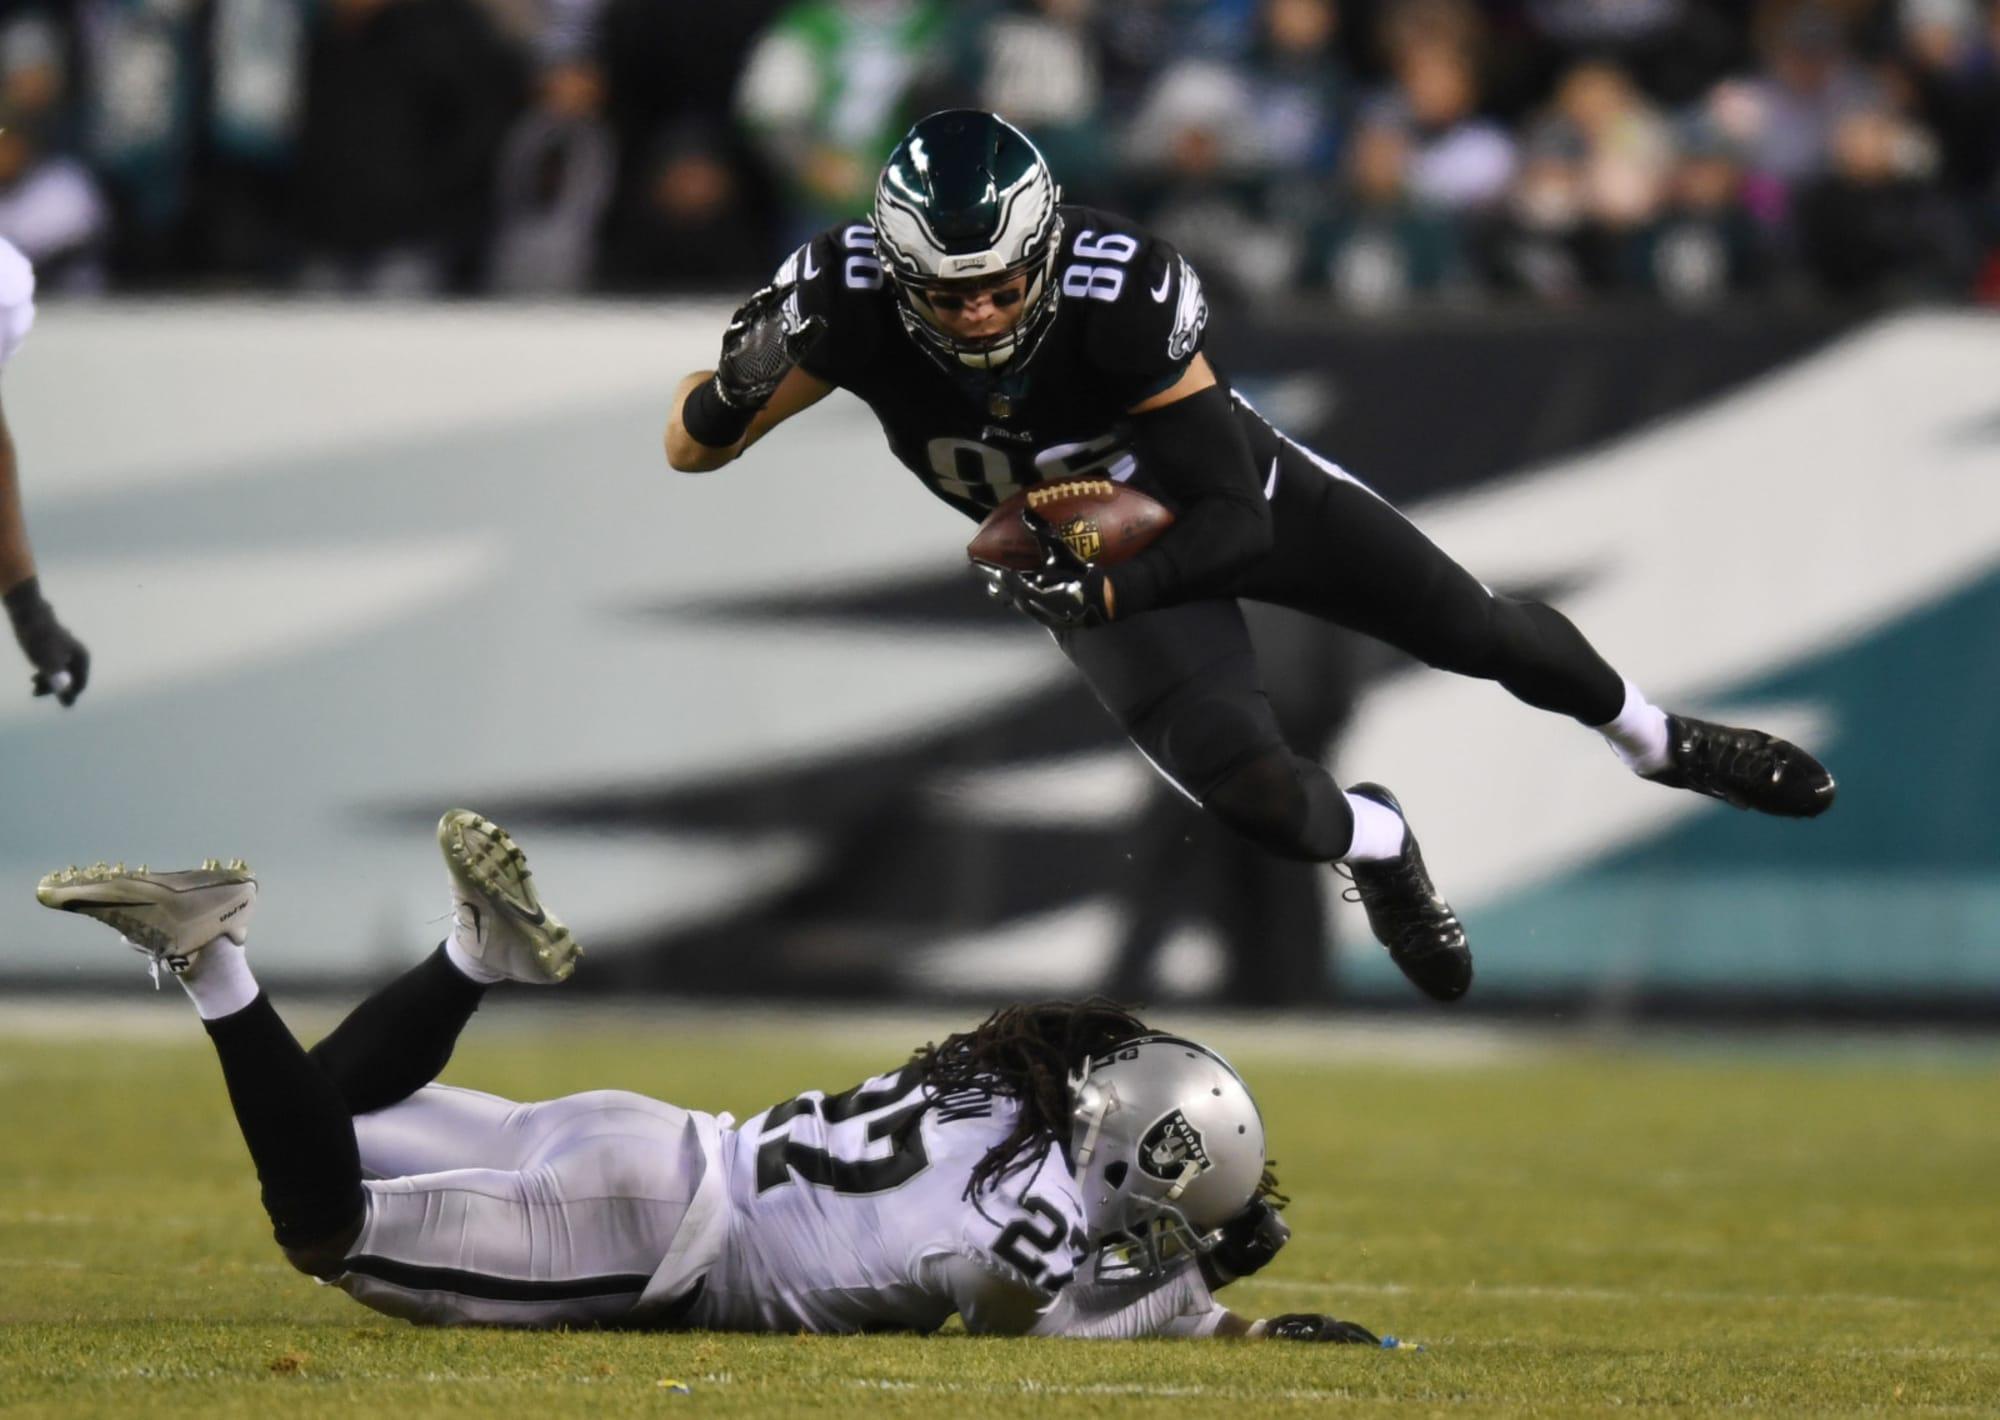 Las Vegas Raiders: Should the Raiders pursue Zach Ertz?